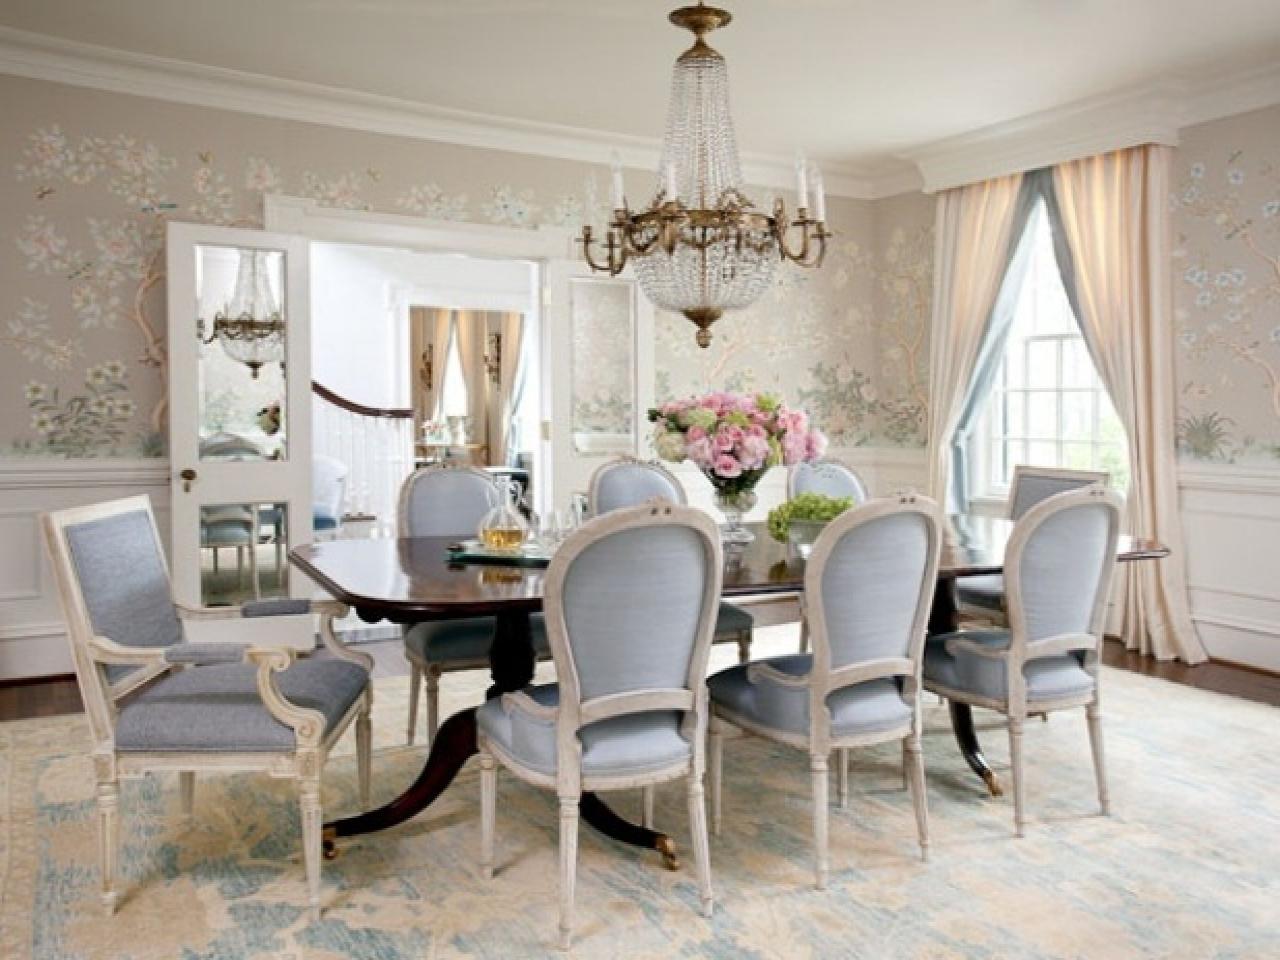 بالصور ديكور طاولة الطعام , ابسط واجمل ديكورات لطاولة غرفة السفرة 2934 9